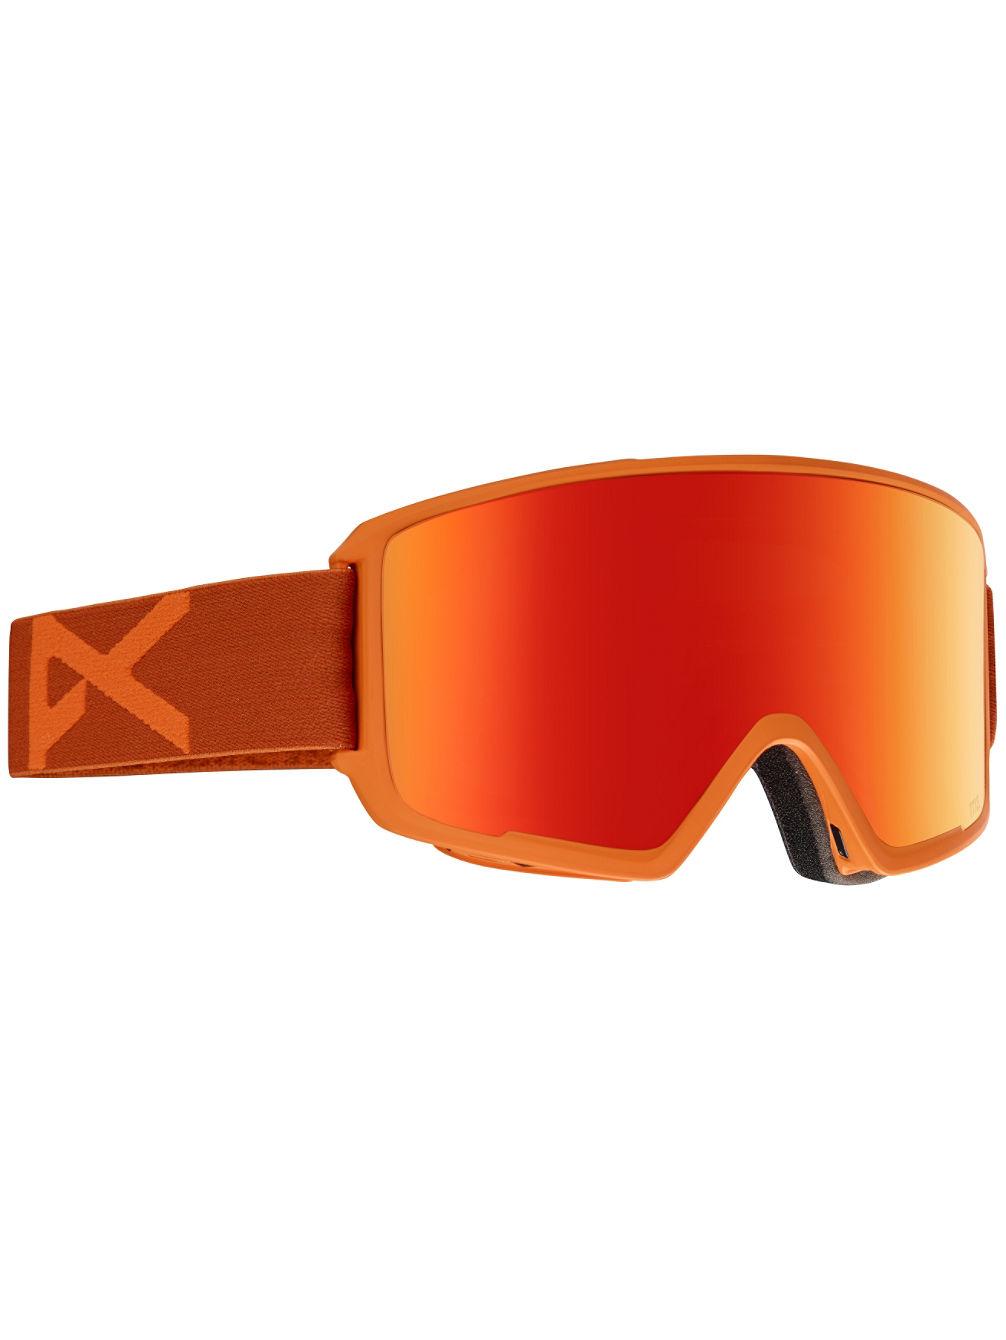 anon-m3-orange